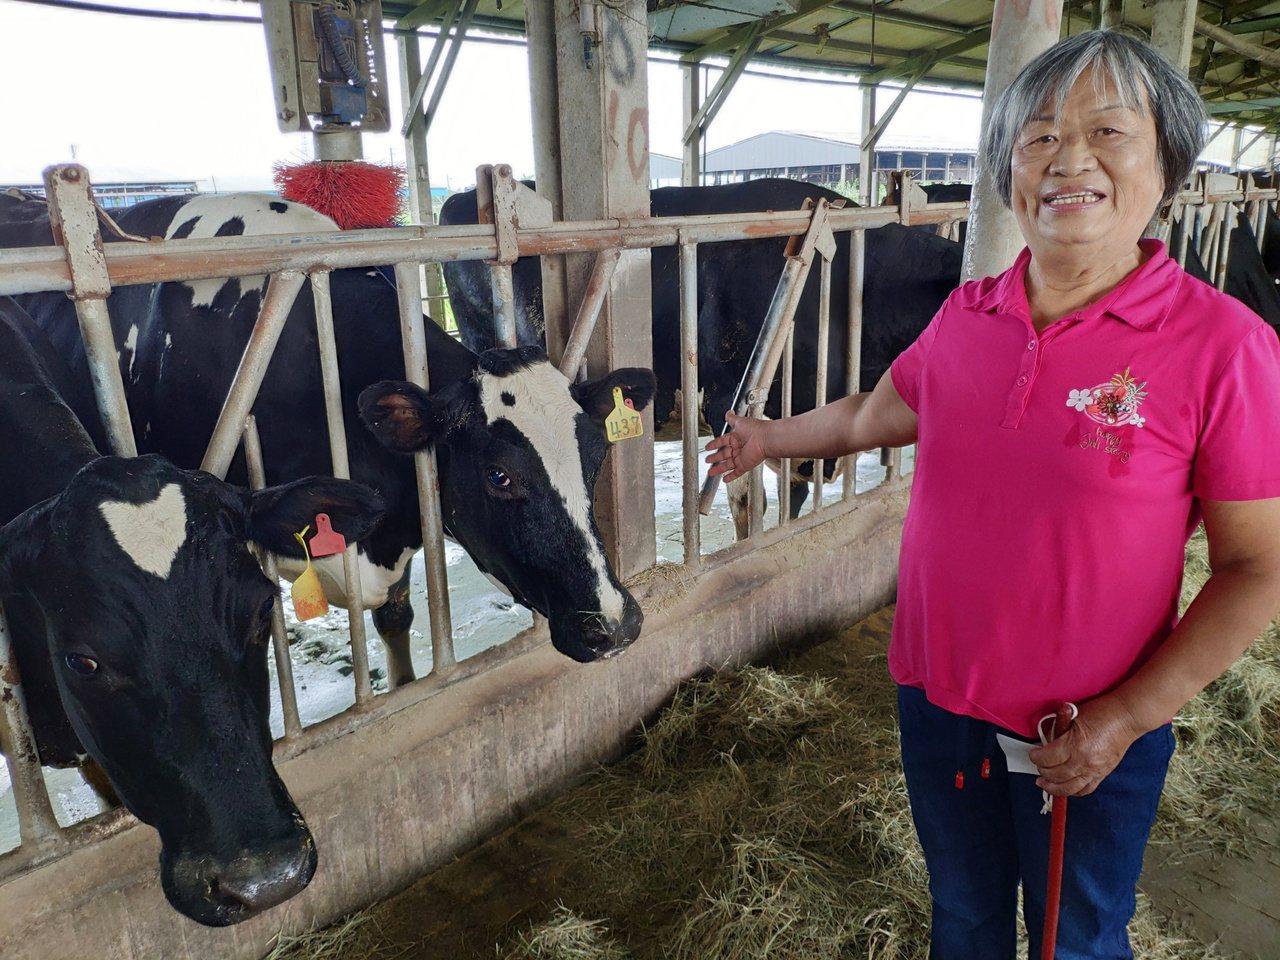 曾任農委會畜產試驗所研究員李美珠,在台南柳營養牛,上演「博士養牛」傳奇。 圖/謝...